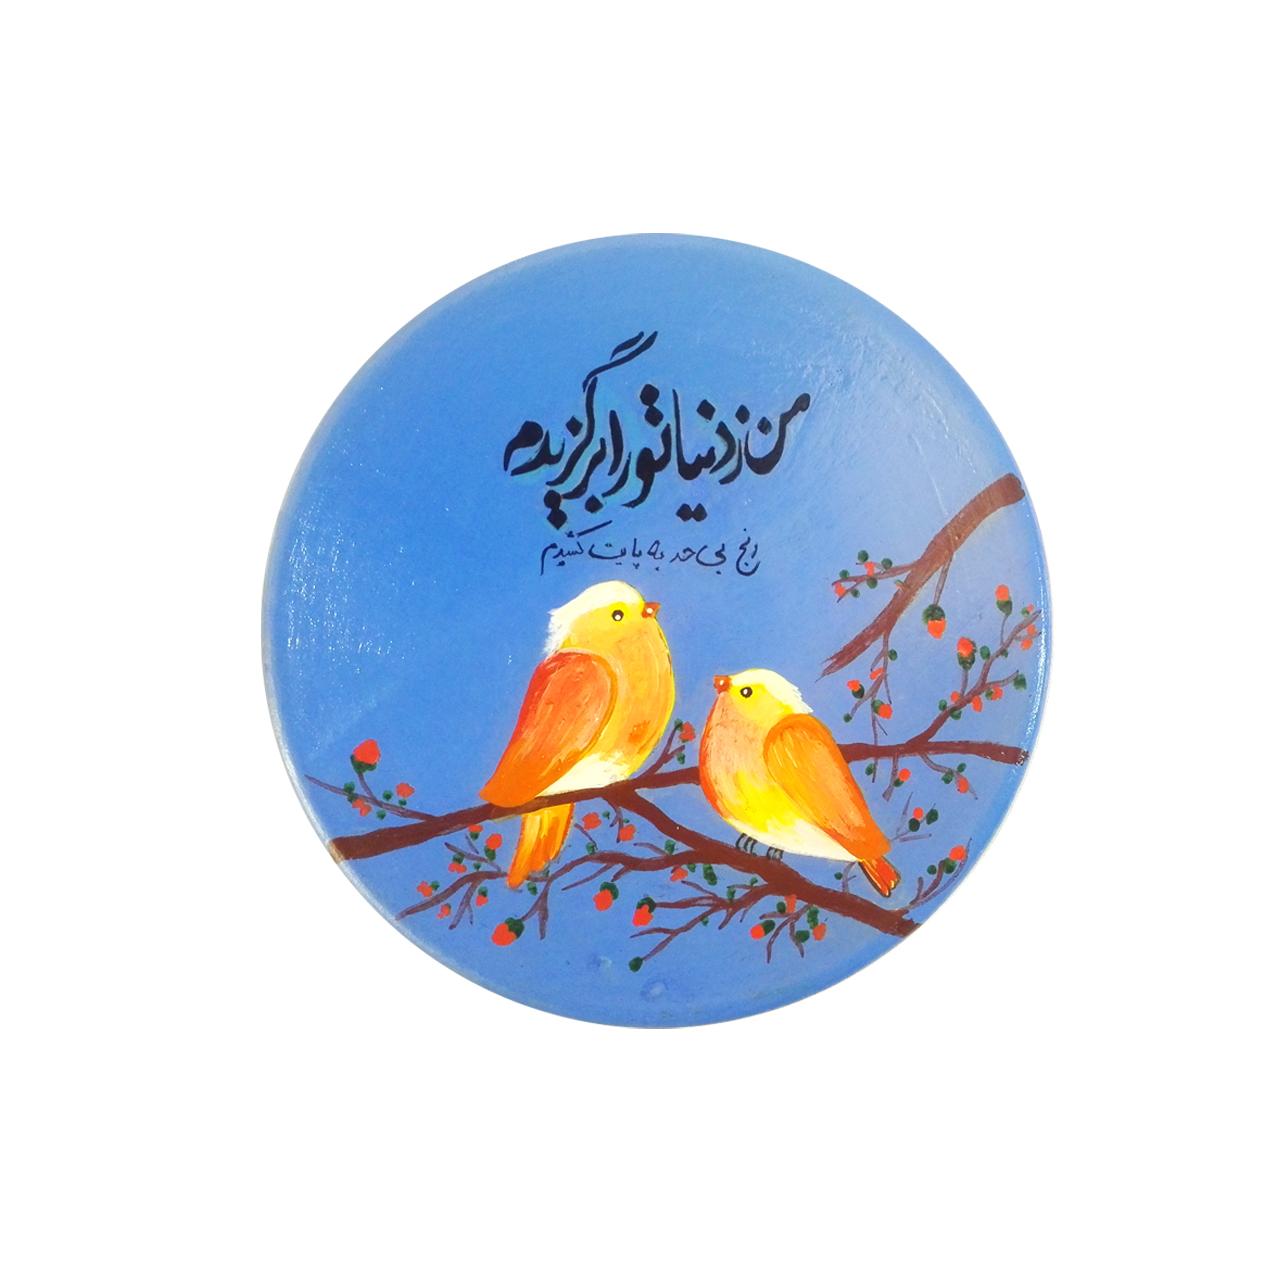 بشقاب سفالی طرح شعر و نقاشی کد 14076